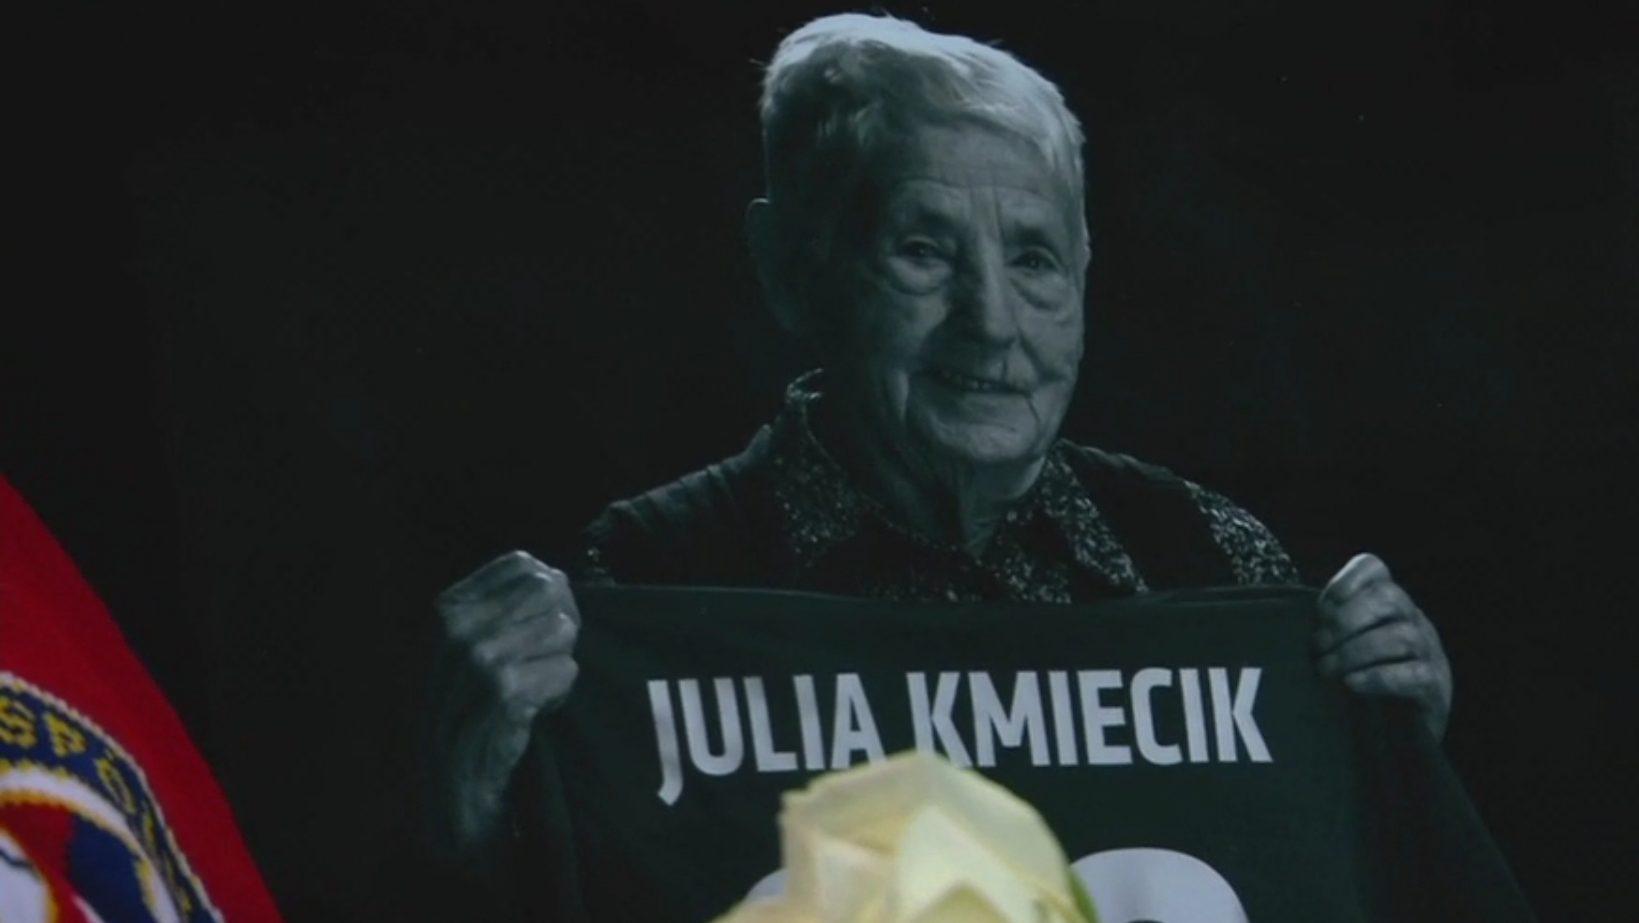 Kibic, jakich mało. Zmarła wyjątkowa fanka Wisły Kraków